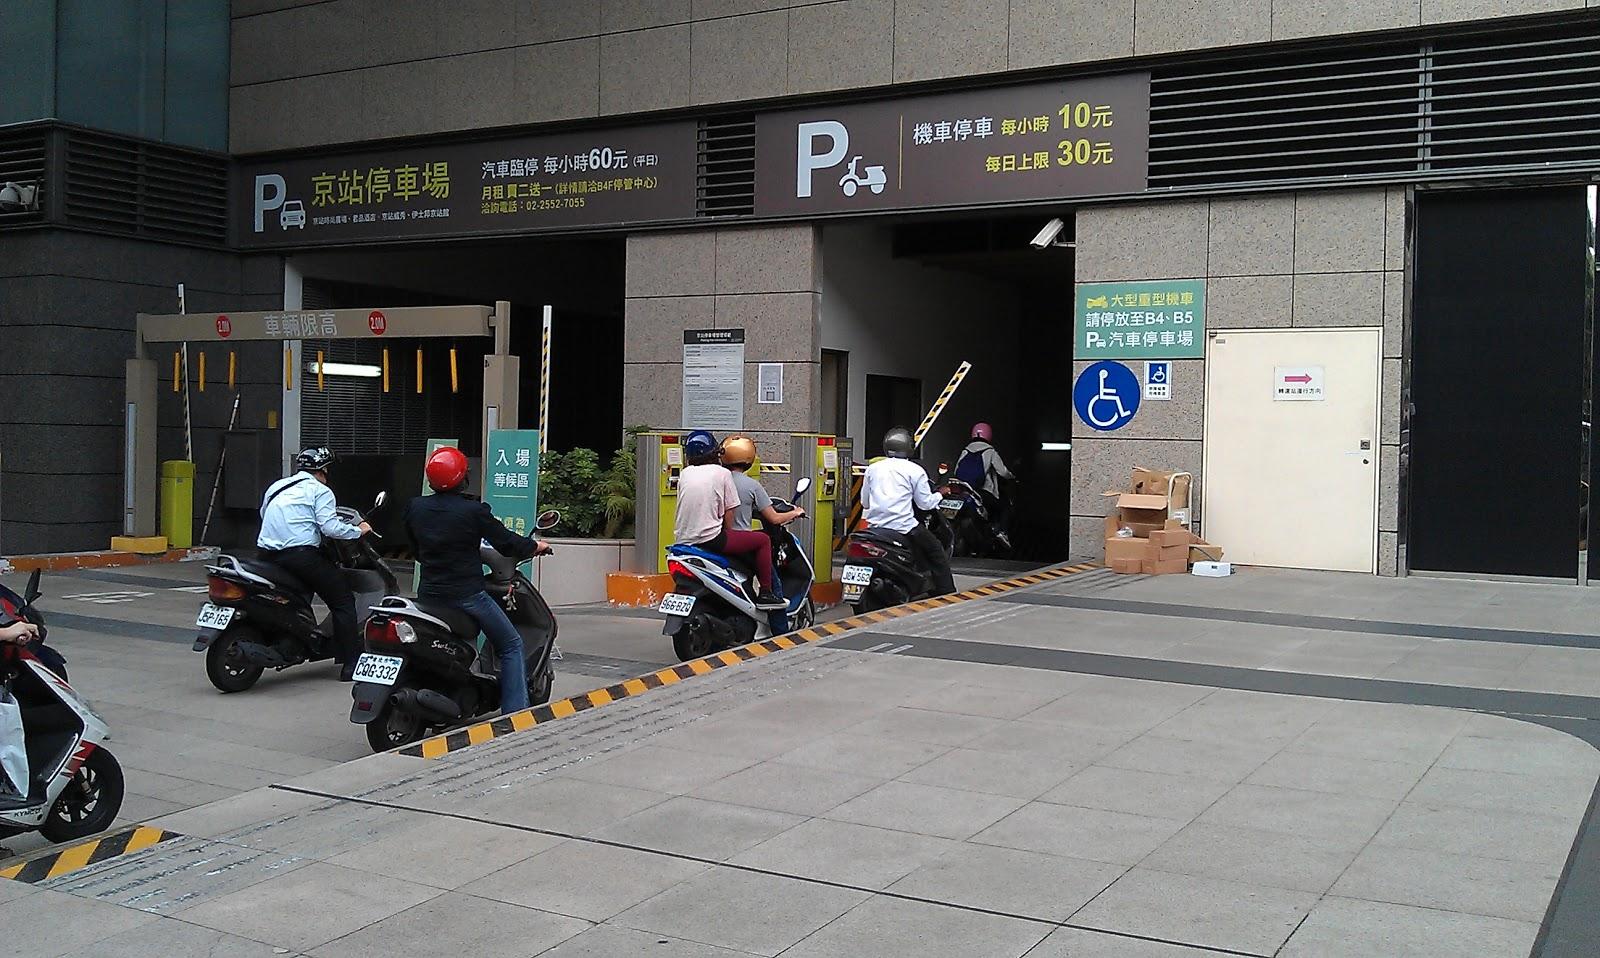 浮雲人生: 臺北京站機車停車場管制口